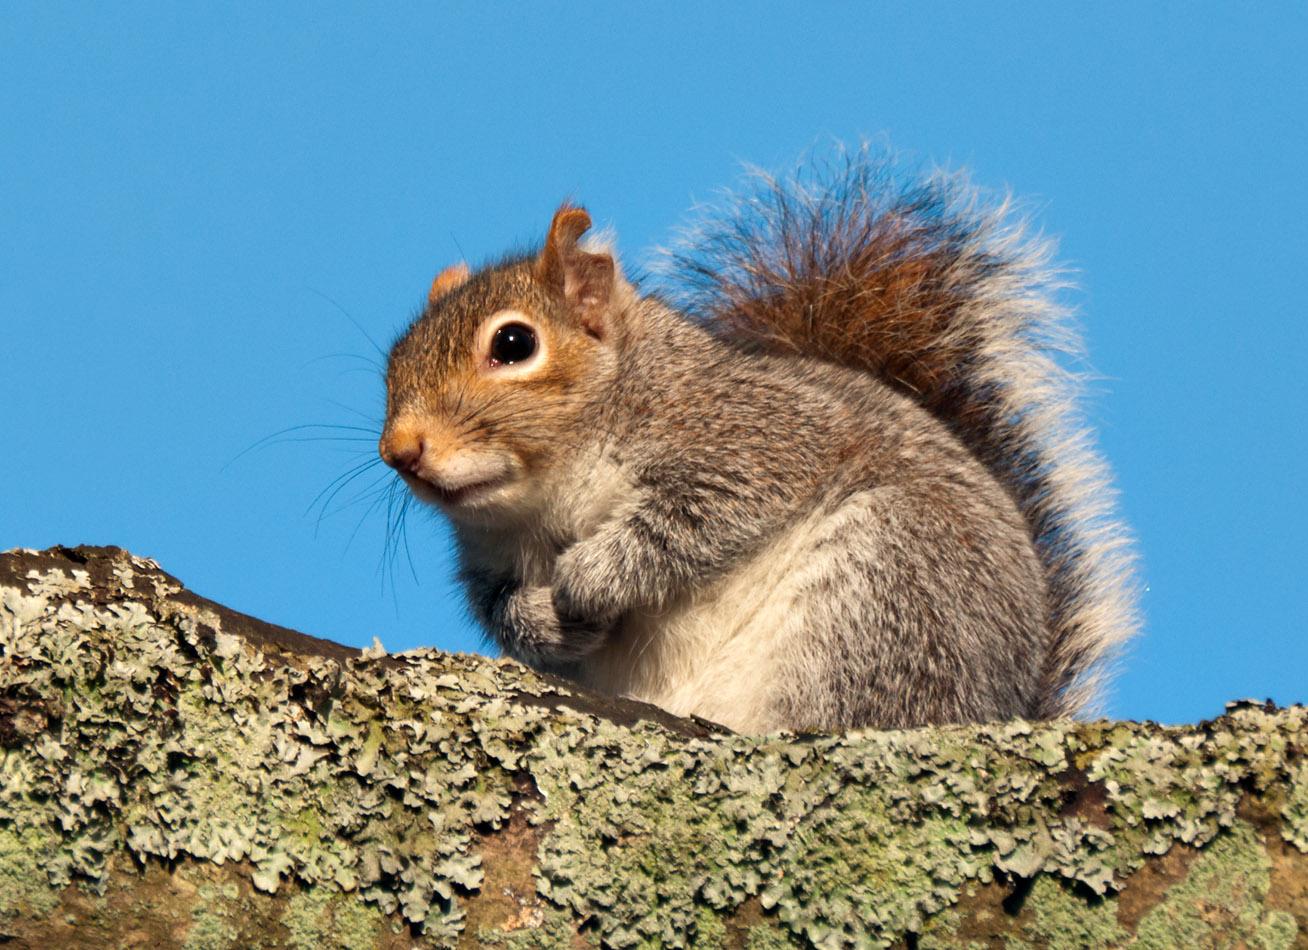 Lichen the squirrel